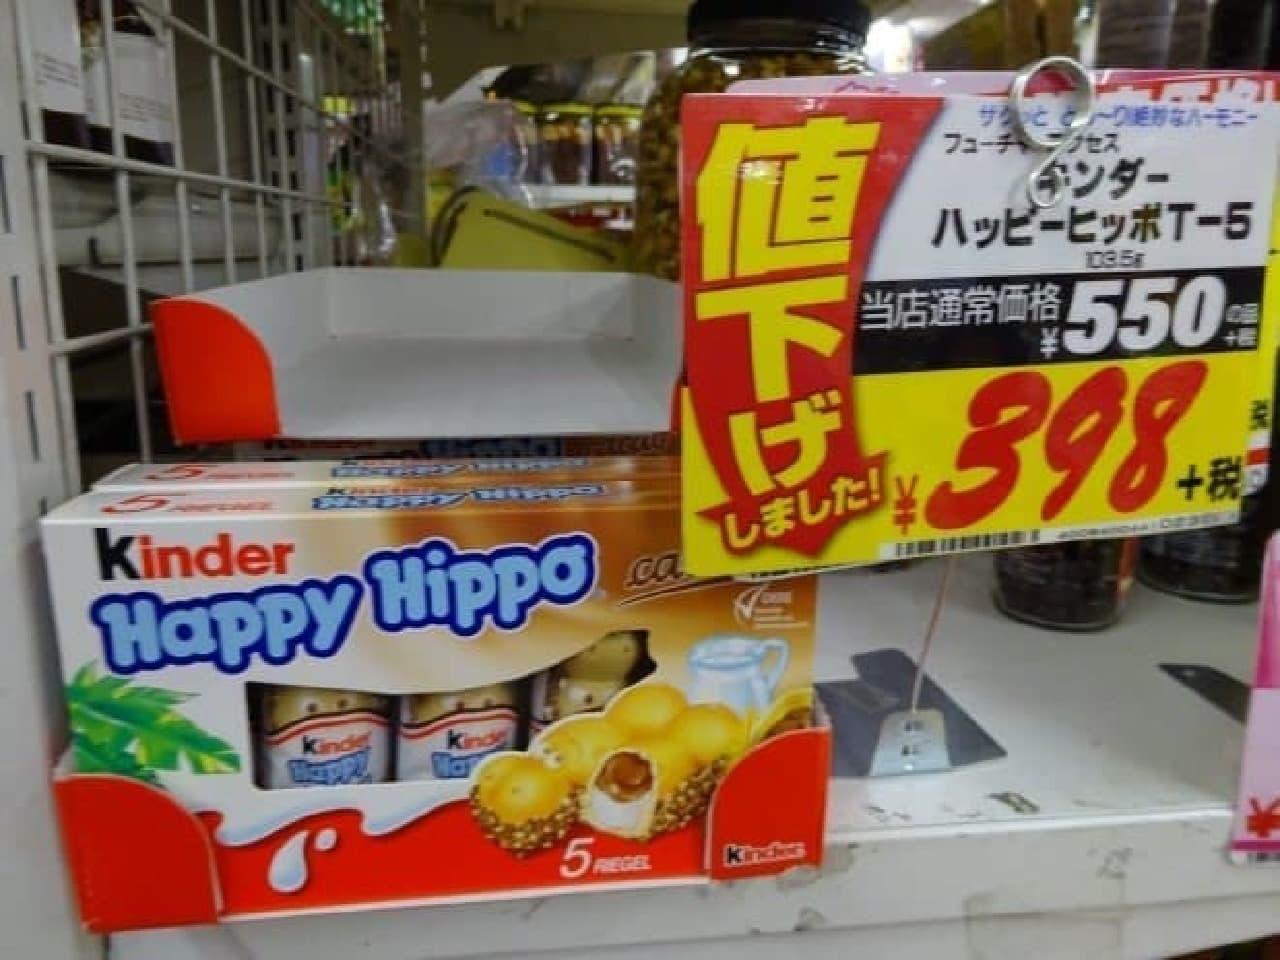 5個入りで398円、これも安いなぁ~